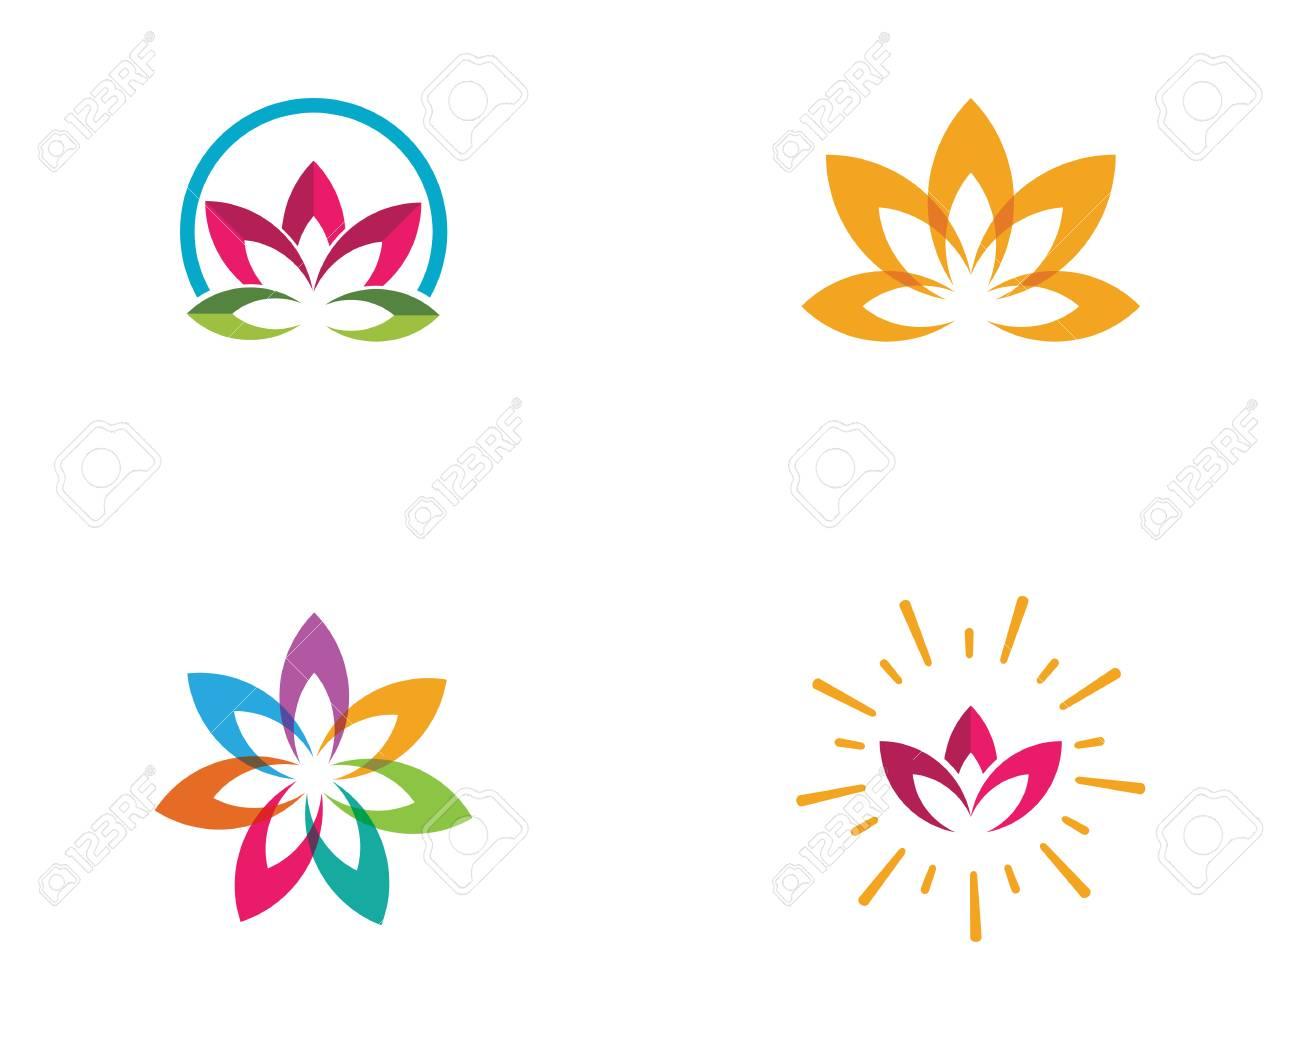 Lotus Flower Graphic Design Topsimages